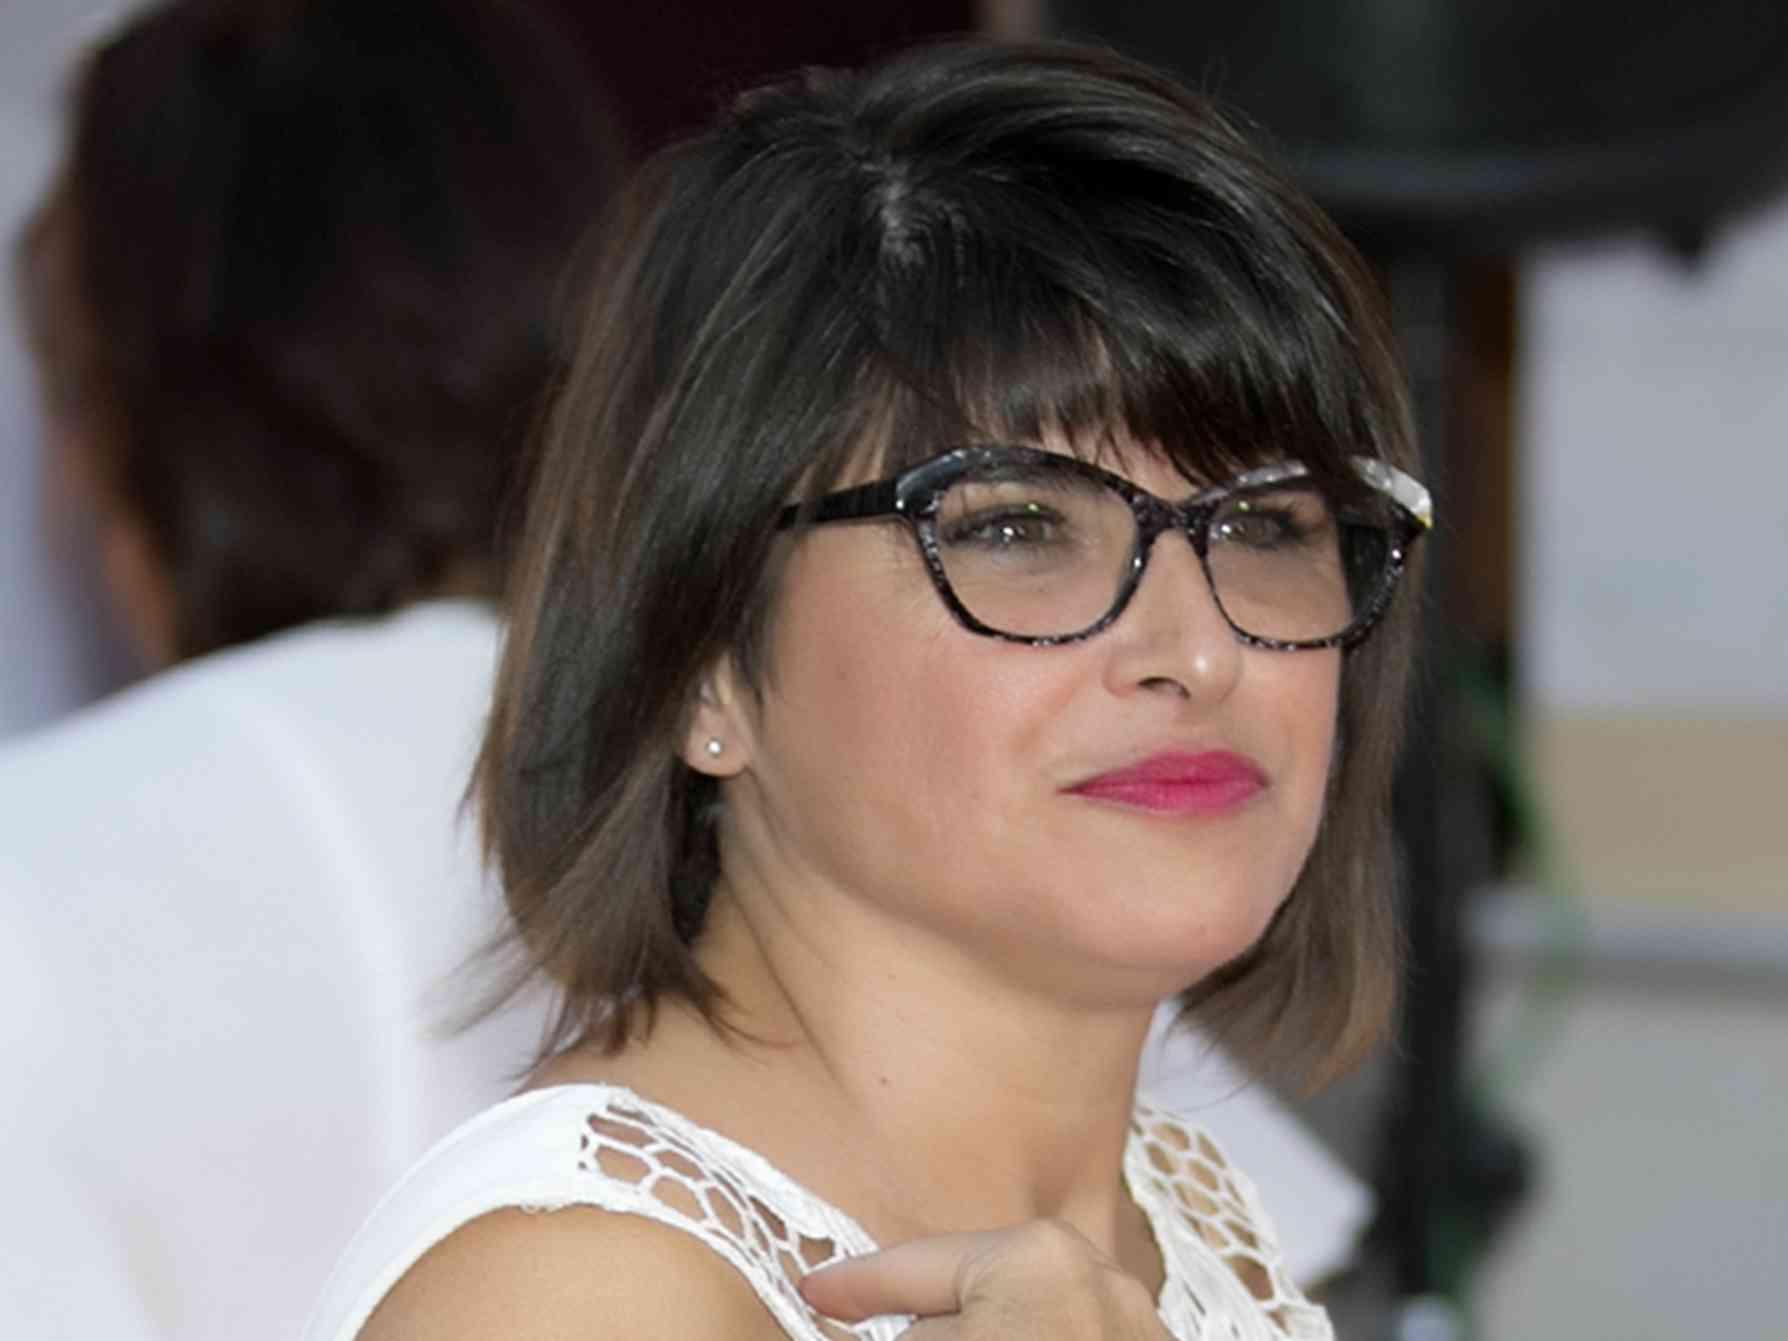 Immagine articolo: Tutto pronto per l'evento Dolce&Gabbana a Sciacca, tra gli hair-stylist la trapanese Antonella Scarlata